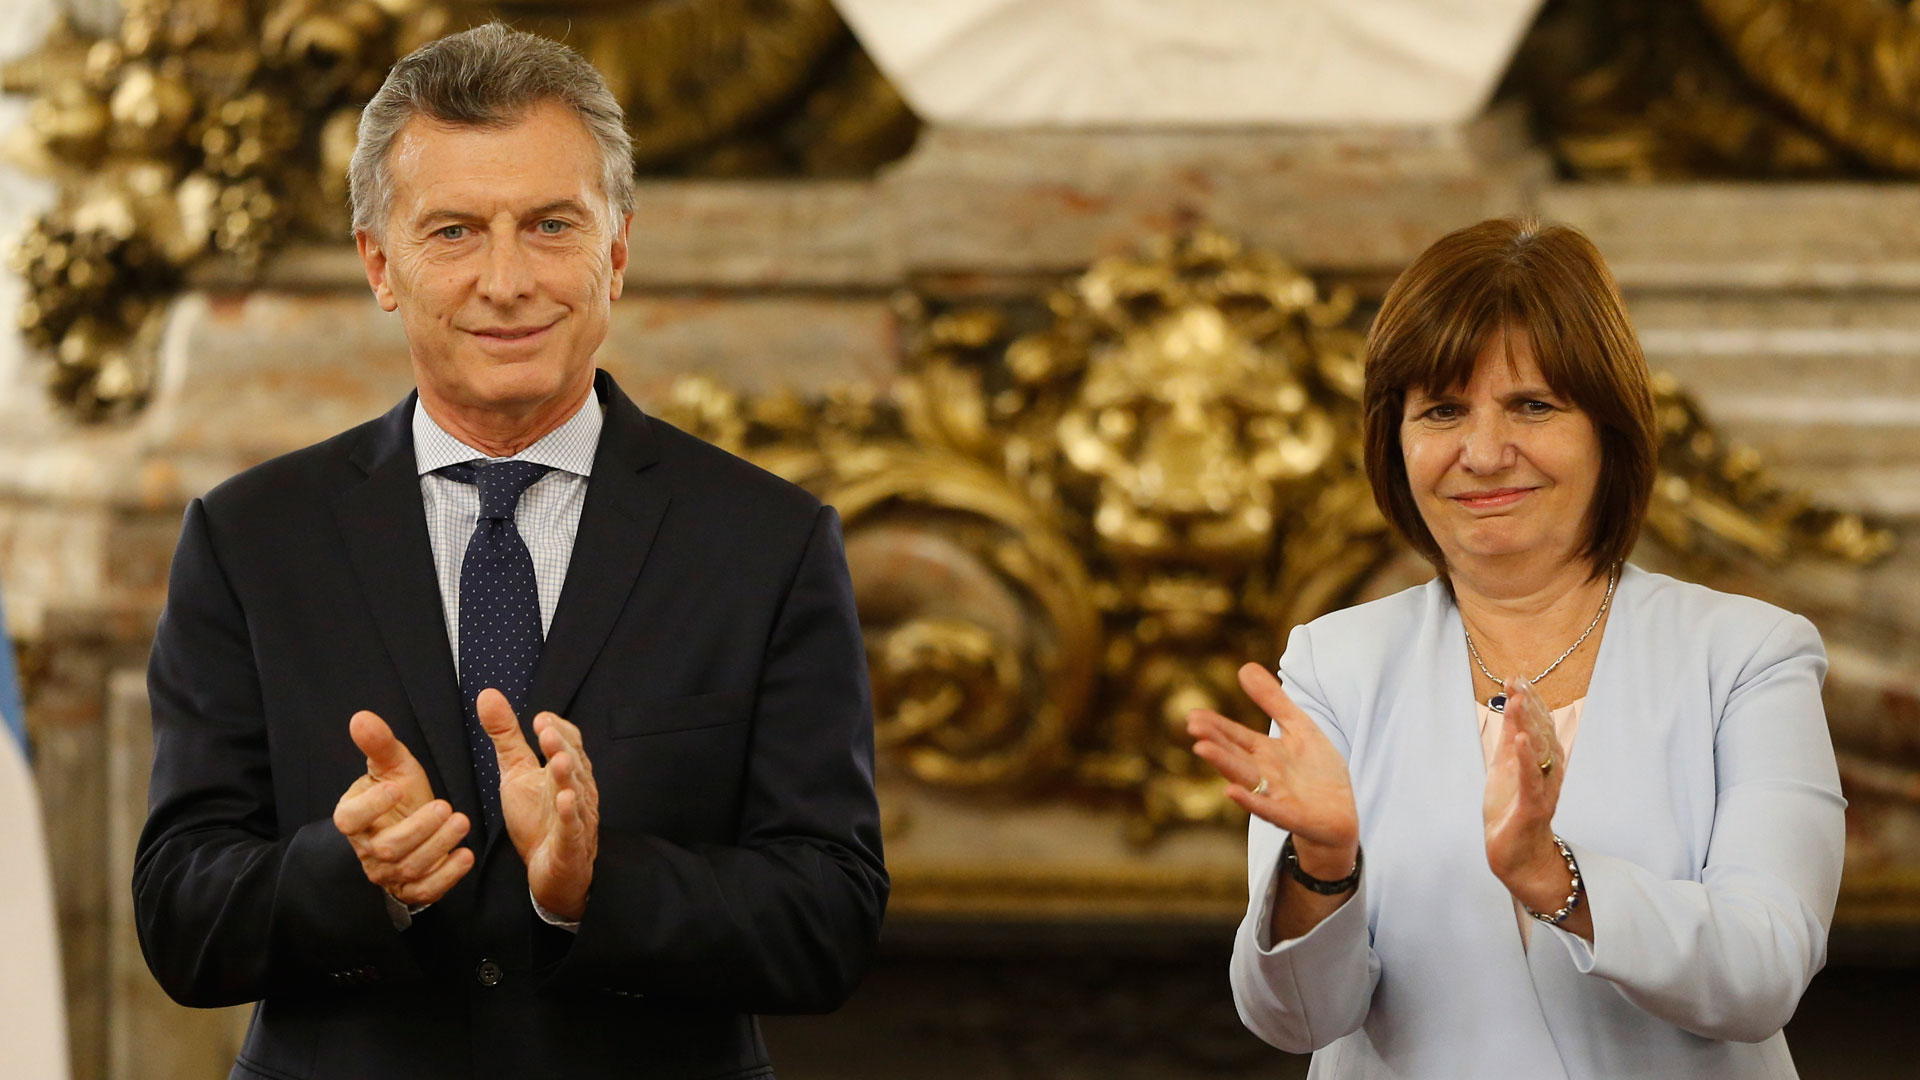 Bullrich no descartó su candidatura a vicepresidente - País